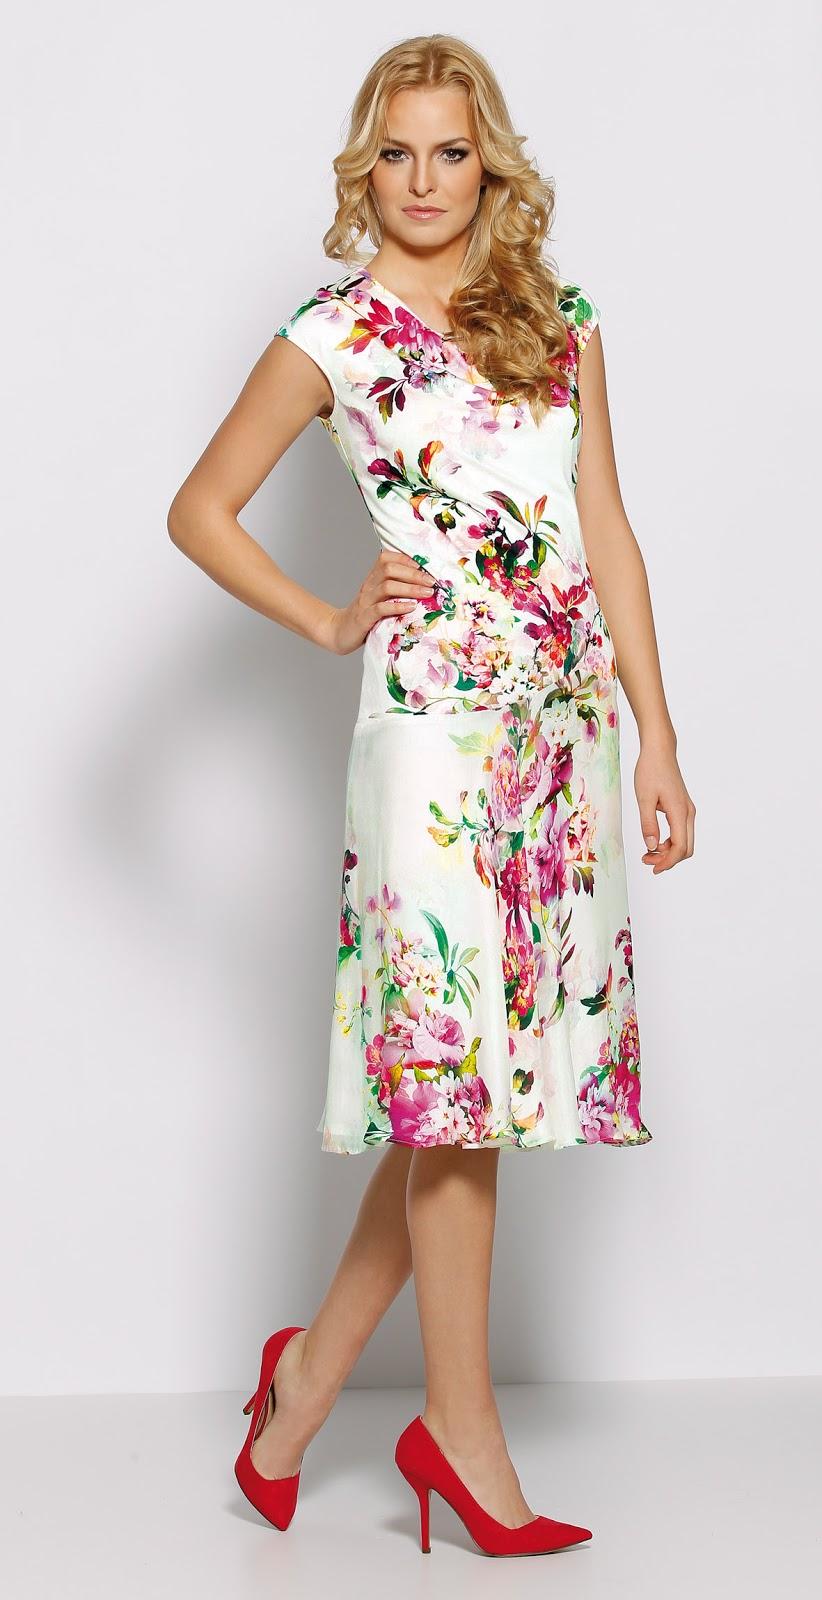 aktuellen LAURUS femme ganz Sommerkleidern FashiontippsApanage mit QCtrhds